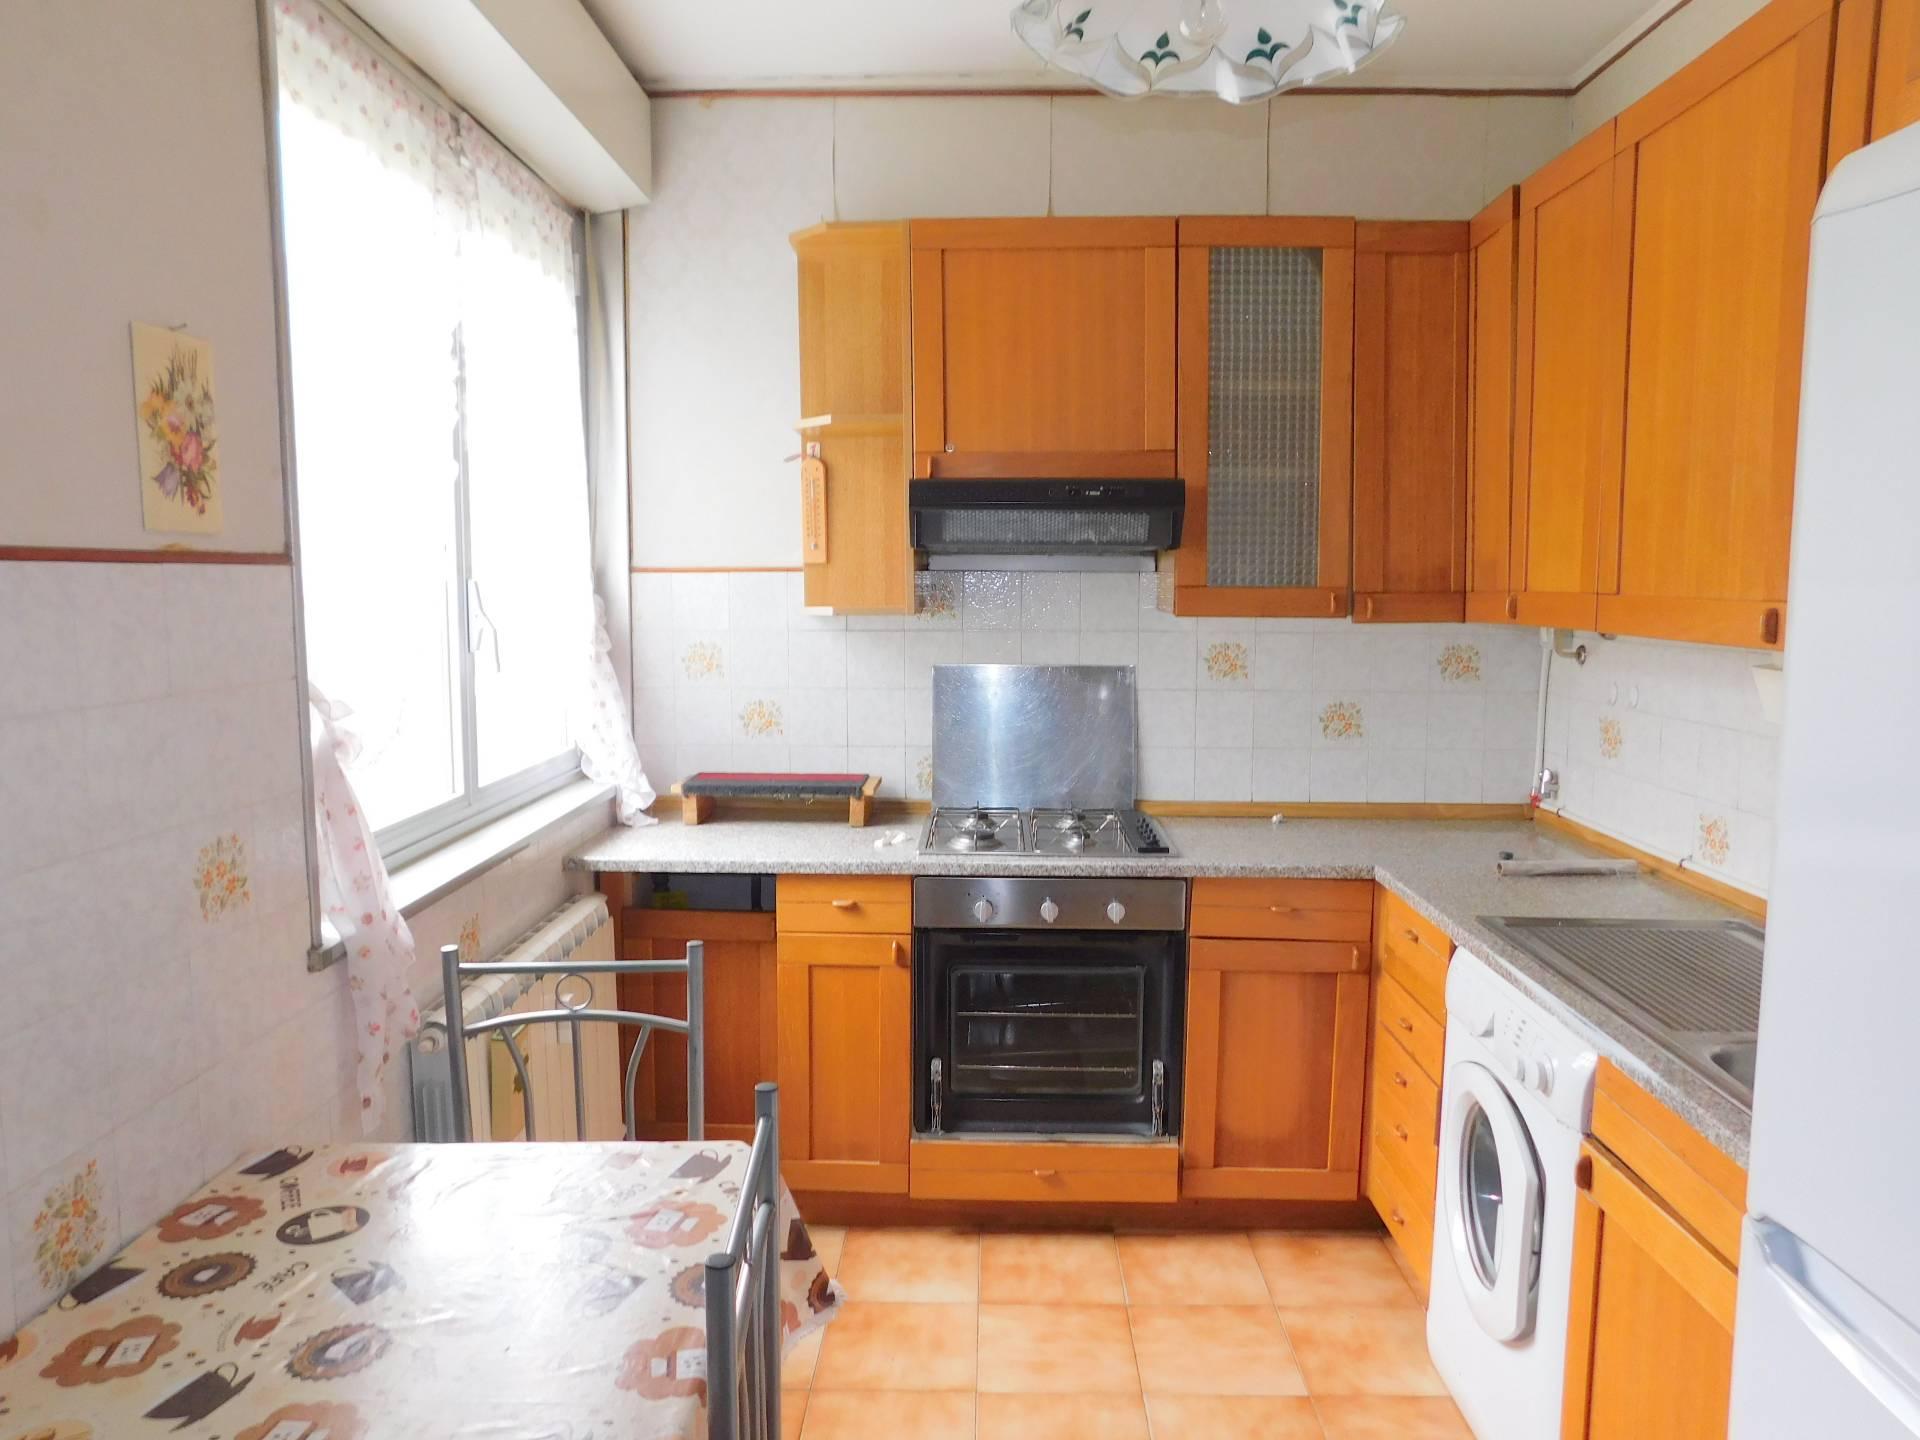 Appartamento in affitto a Genova, 5 locali, zona Località: Rivarolo, prezzo € 400 | PortaleAgenzieImmobiliari.it